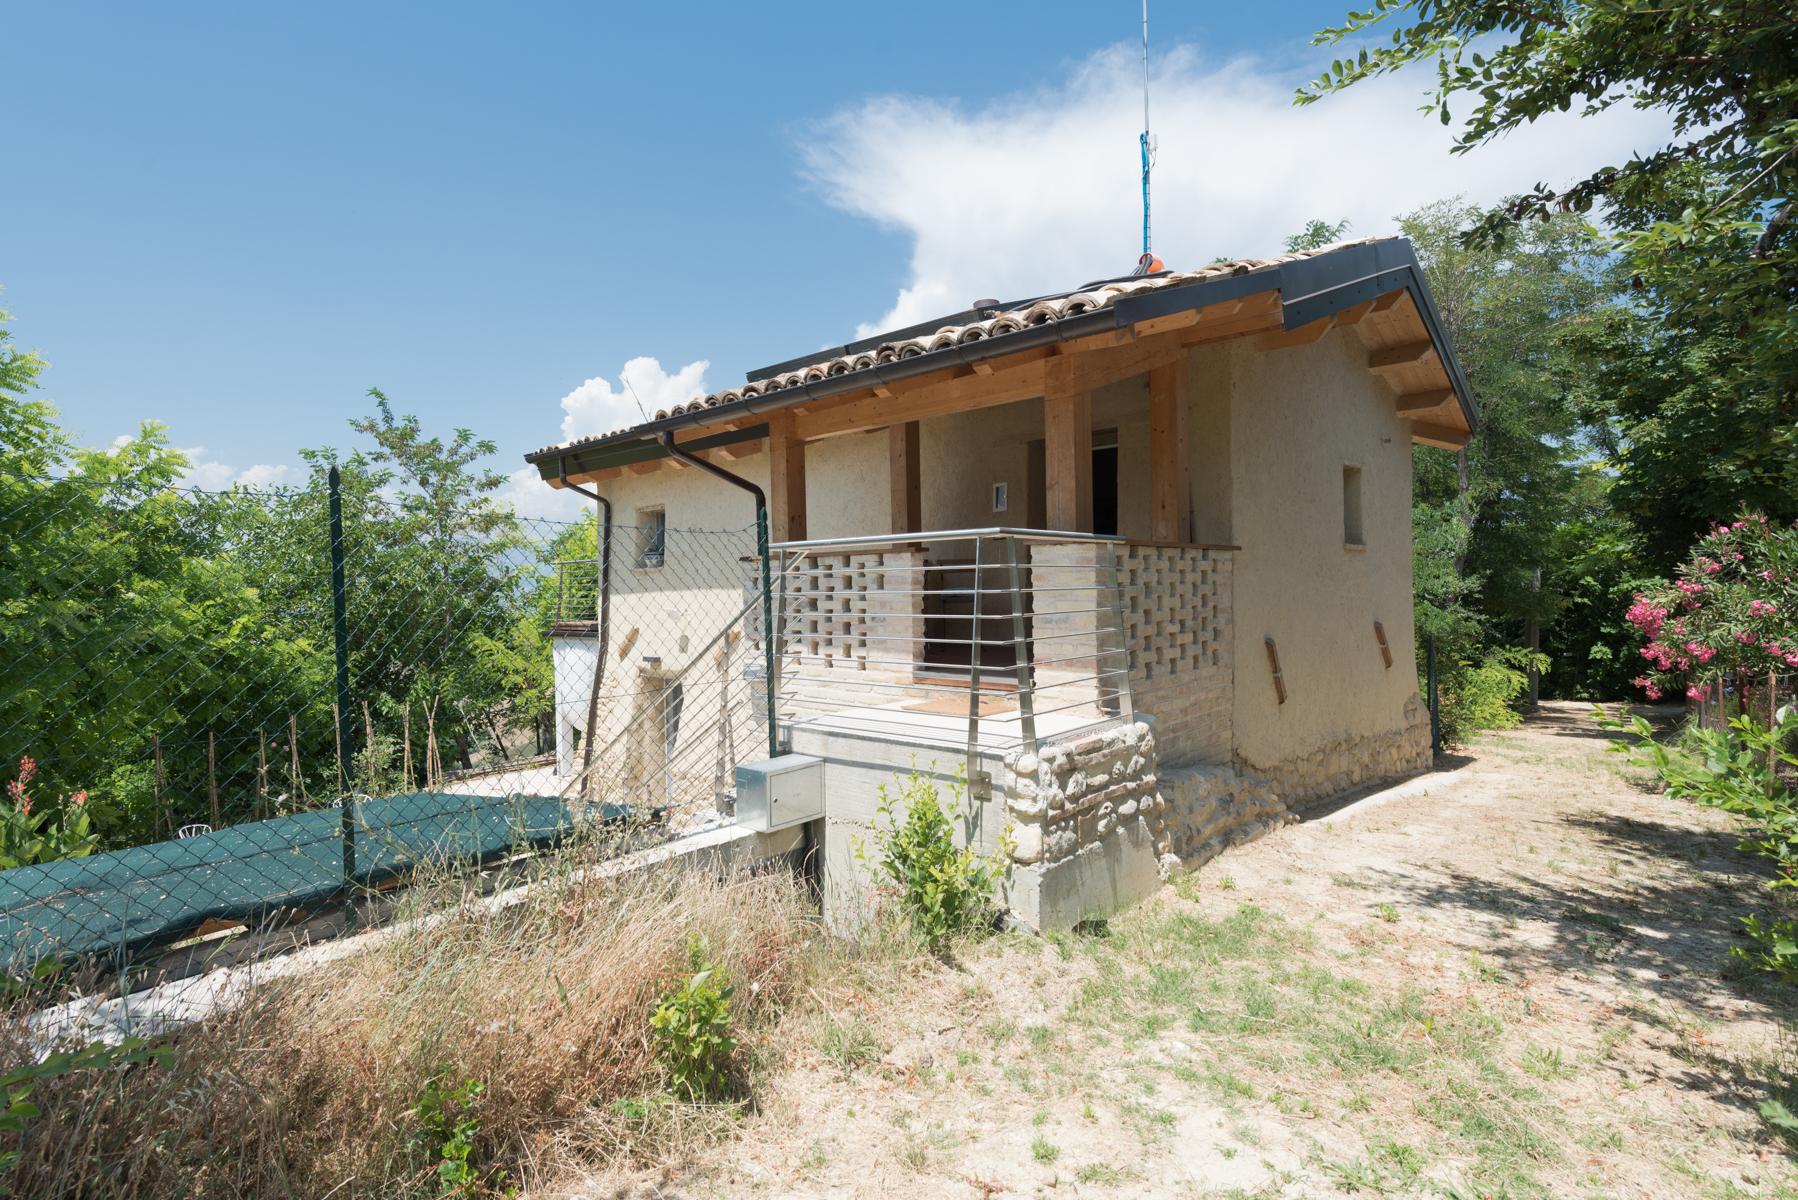 Villa Villa for sale Casalincontrada (CH), Casa Sentinella - Casalincontrada - EUR 321.299 340